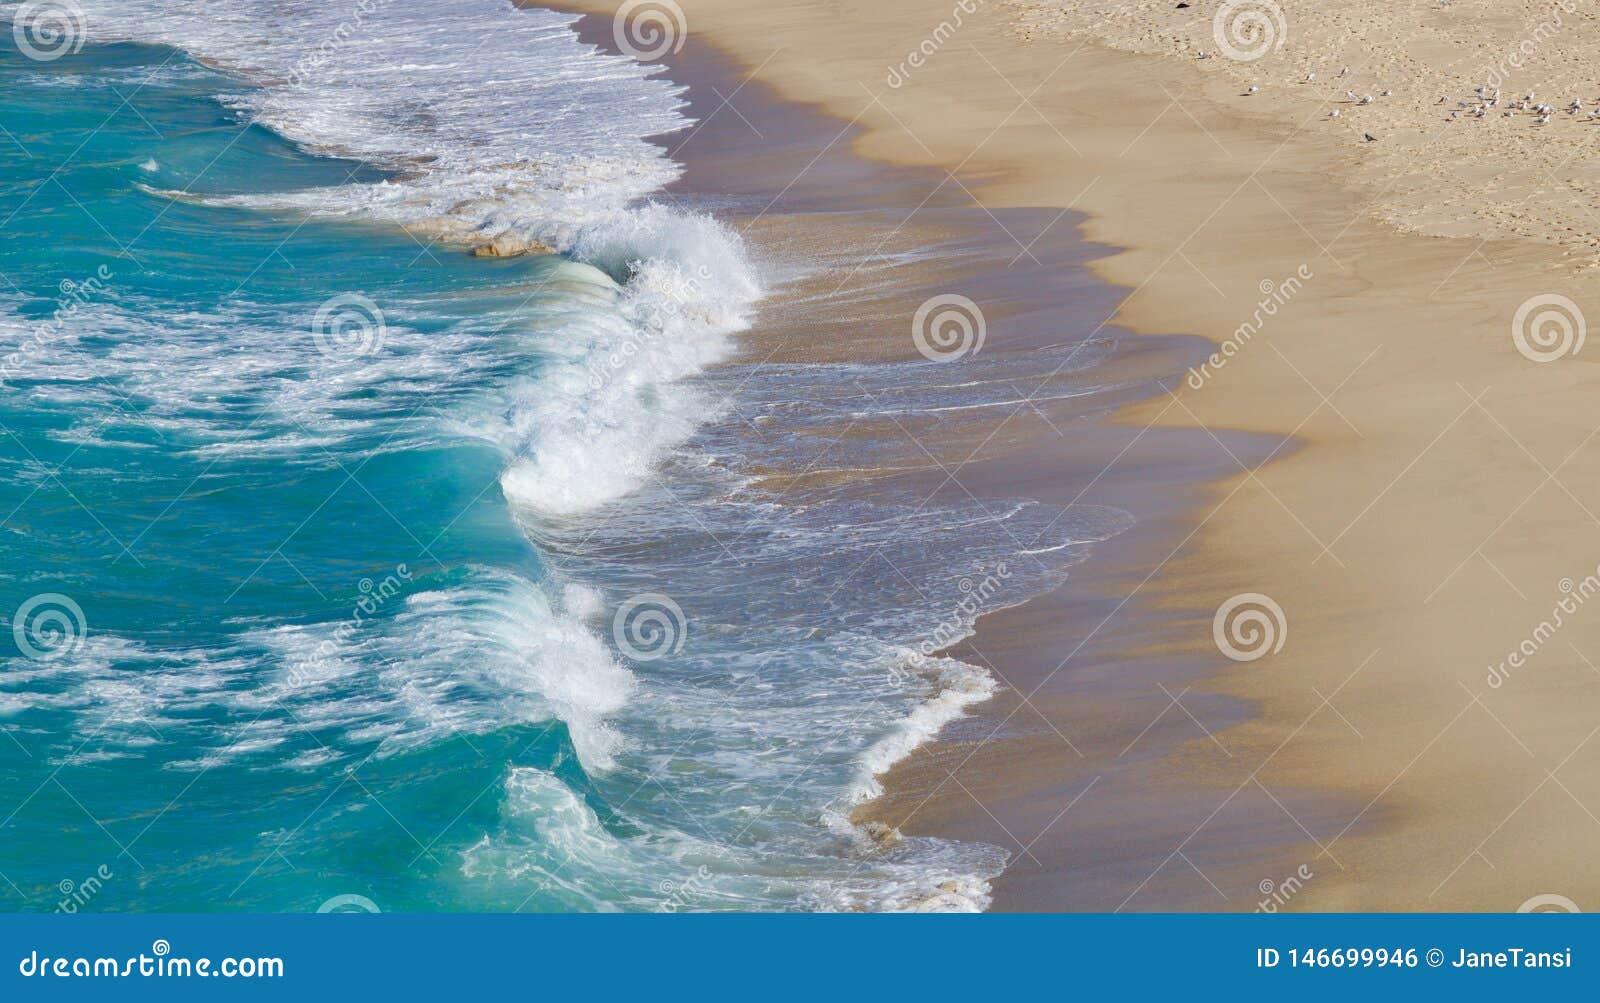 Wellen, die auf einen sandigen Strand - Bild einh?llen